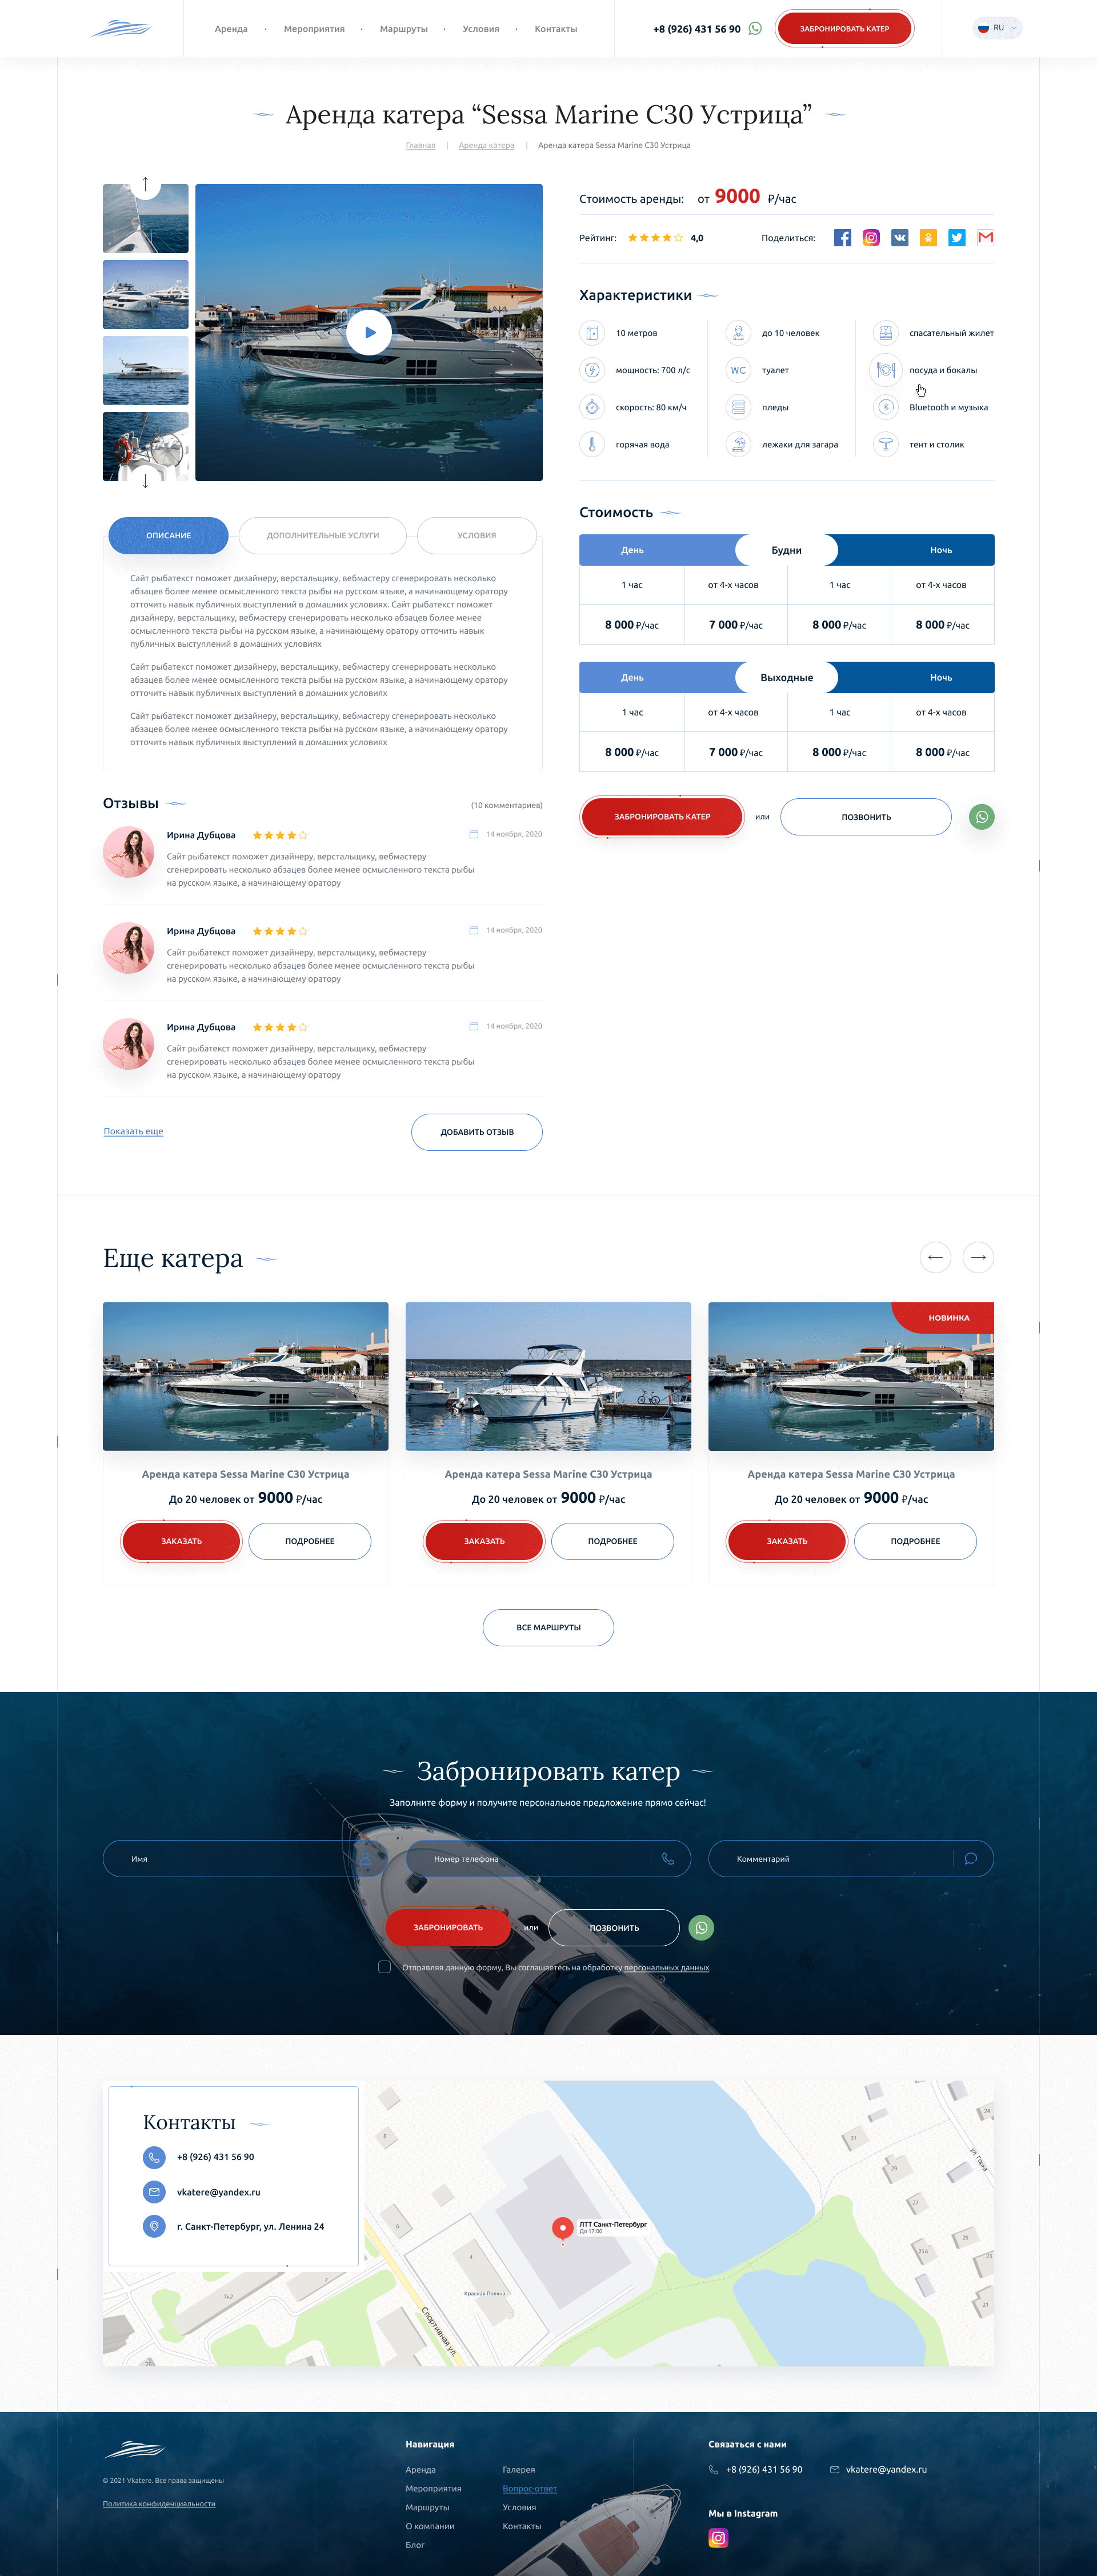 Vkatere_03_Boat_card_0.1